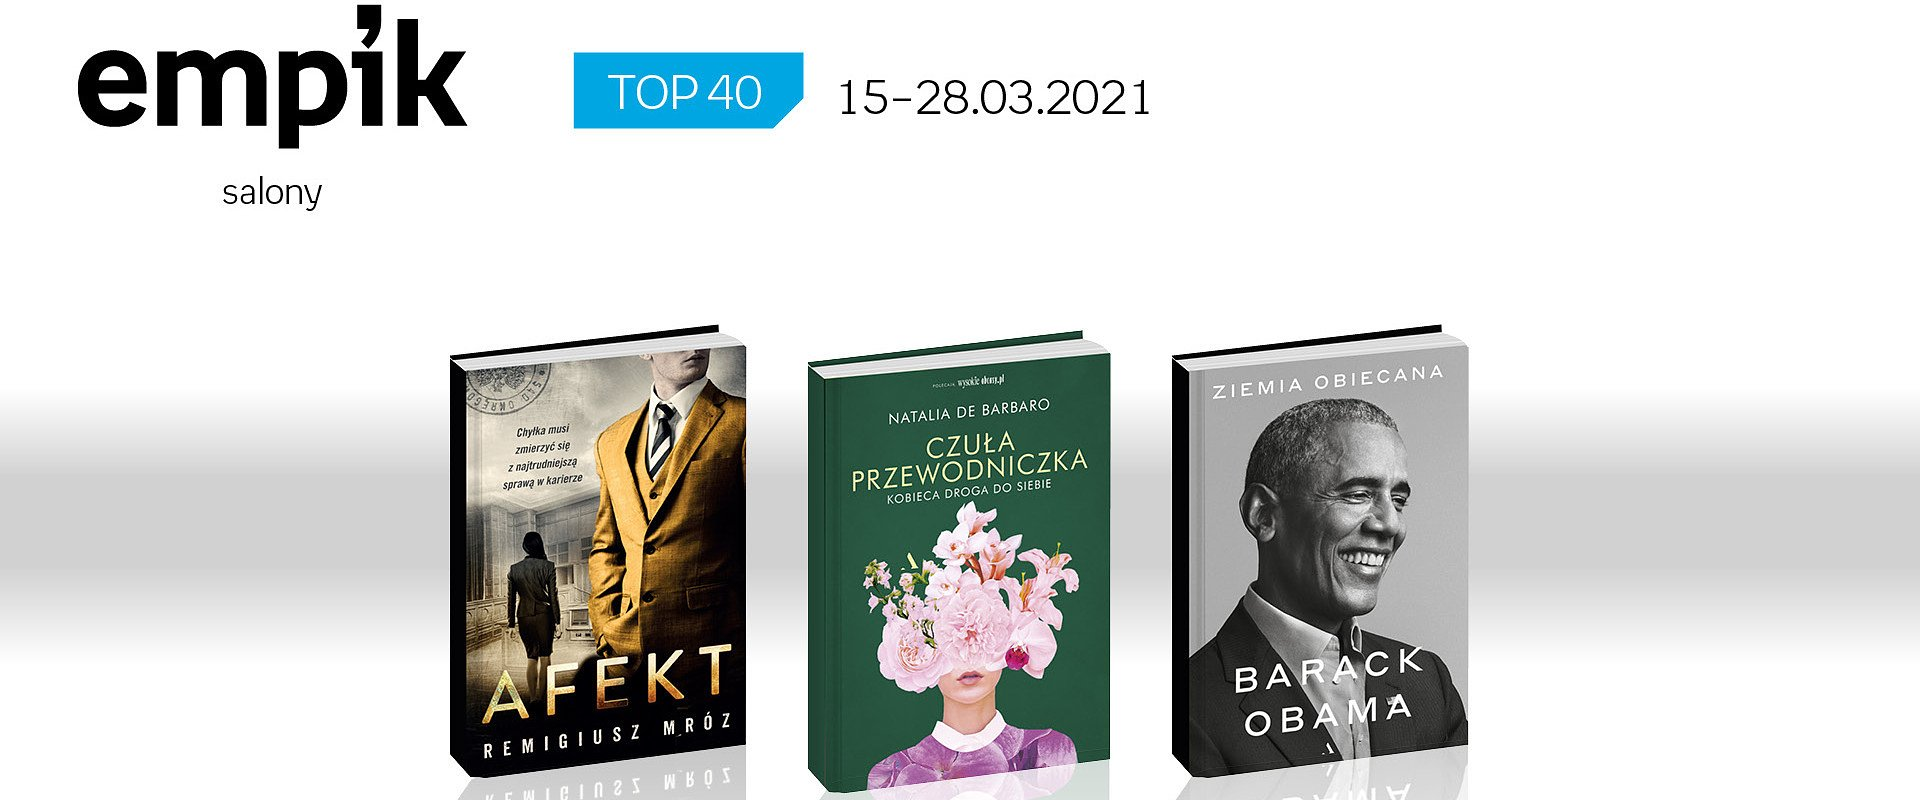 Książkowa lista TOP 40 w salonach Empik za okres 15 – 28 marca